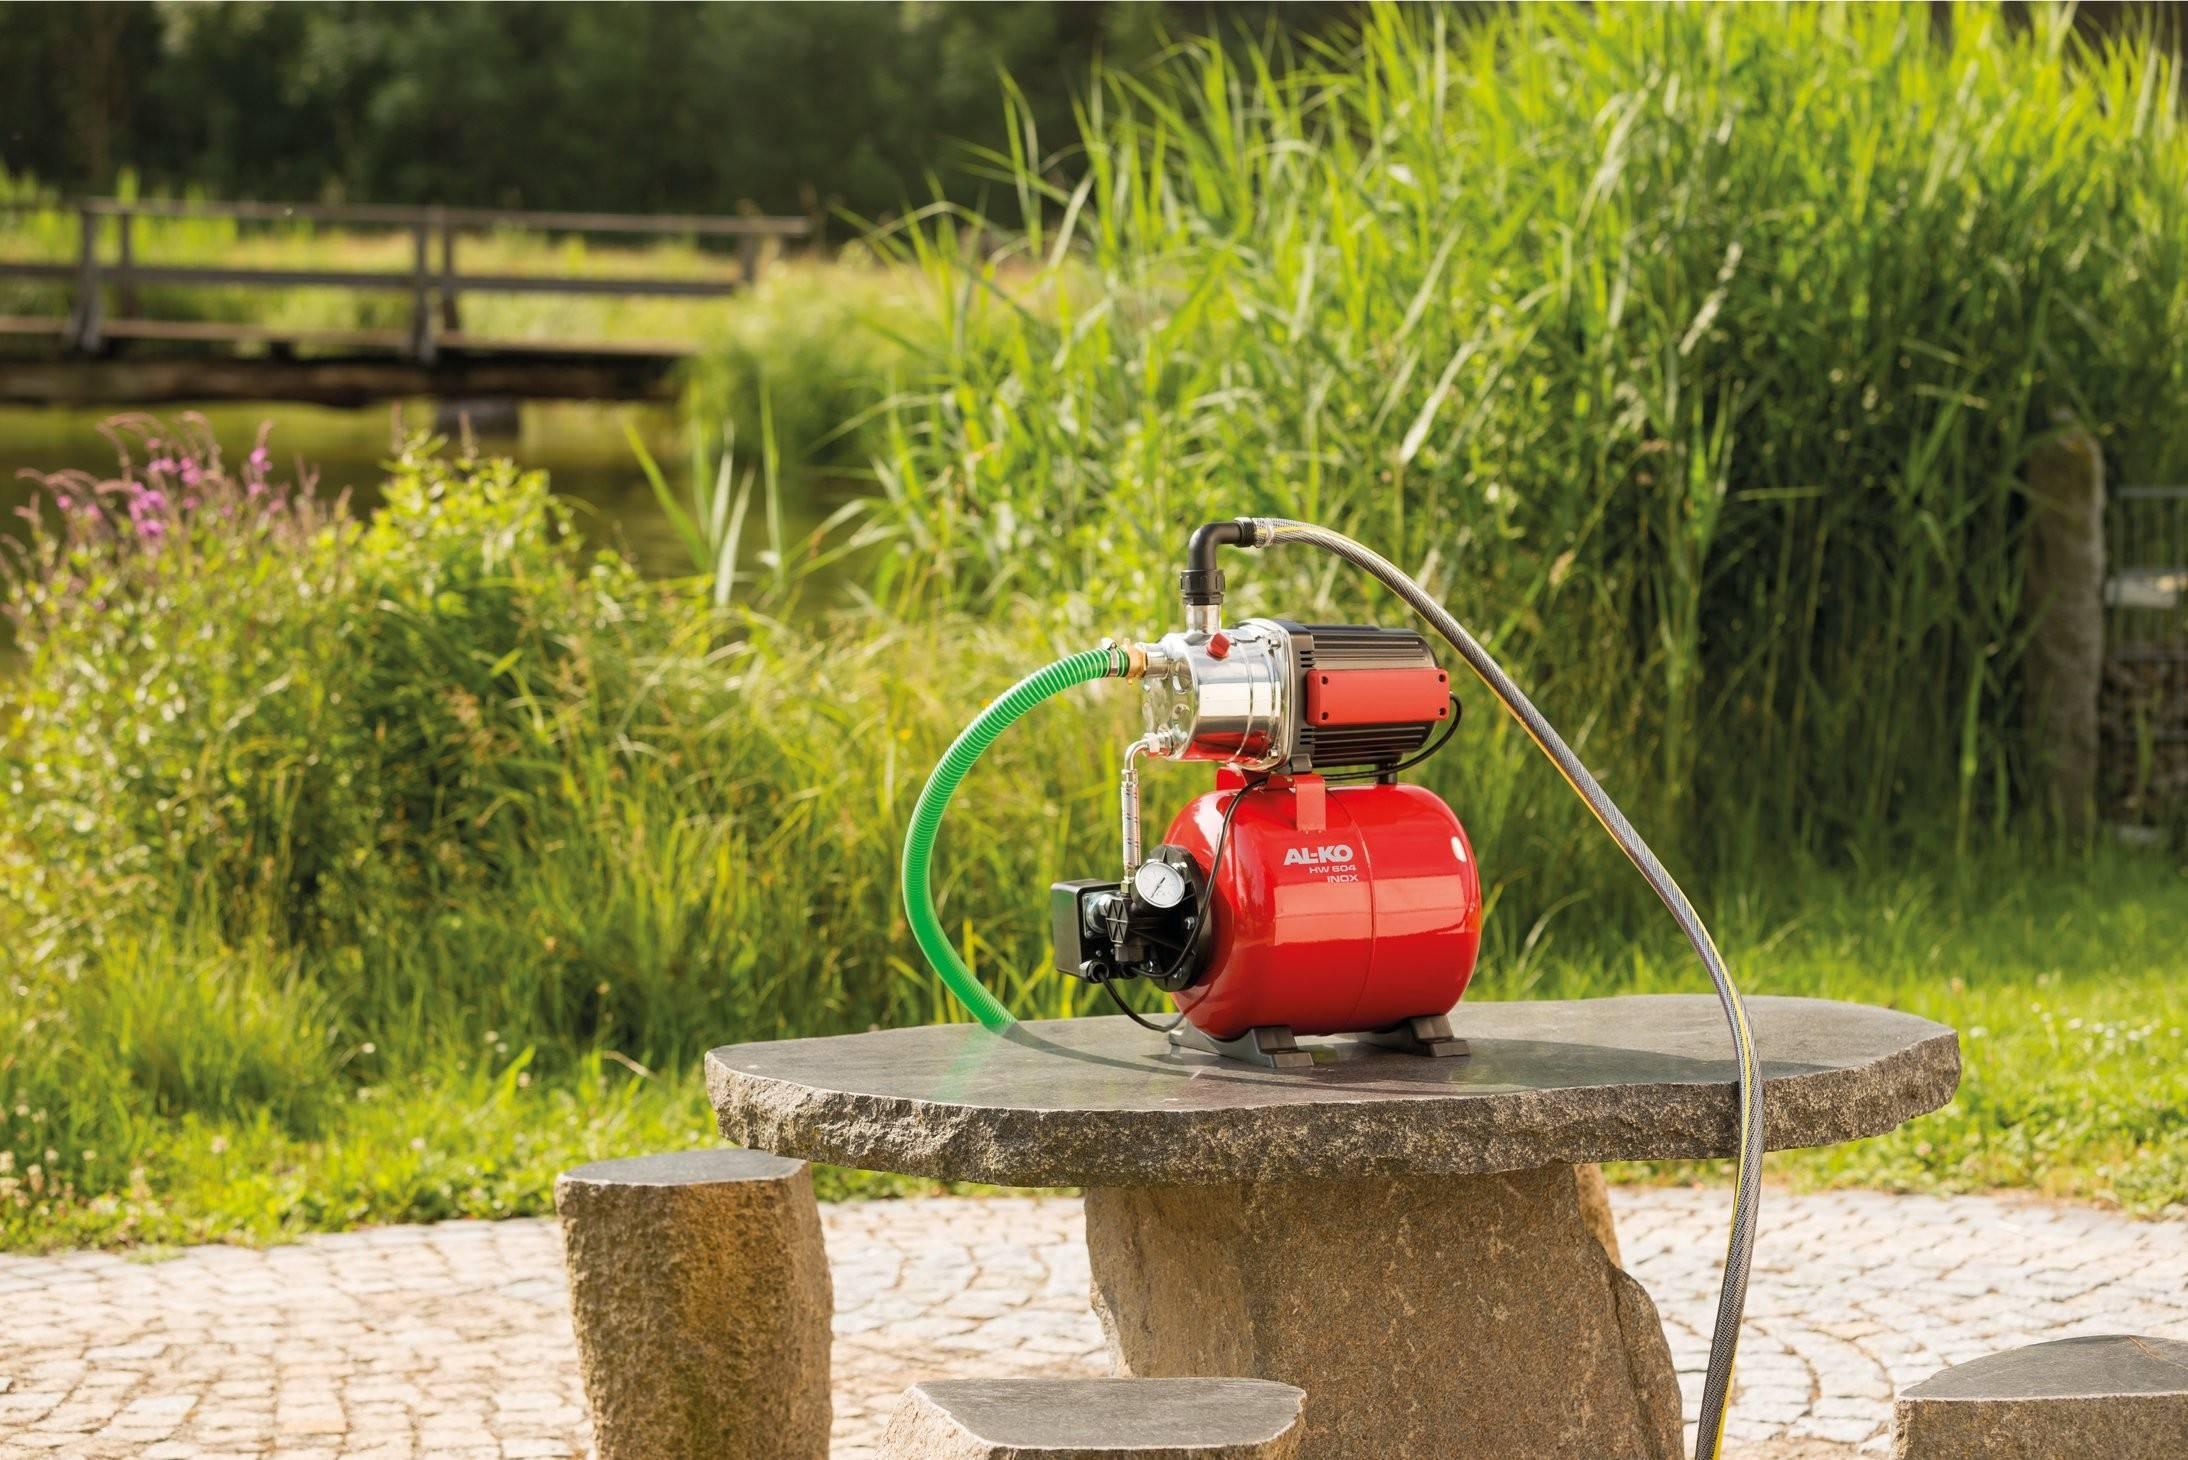 Какие бывают повысительные насосные станция водоснабжения - жми!